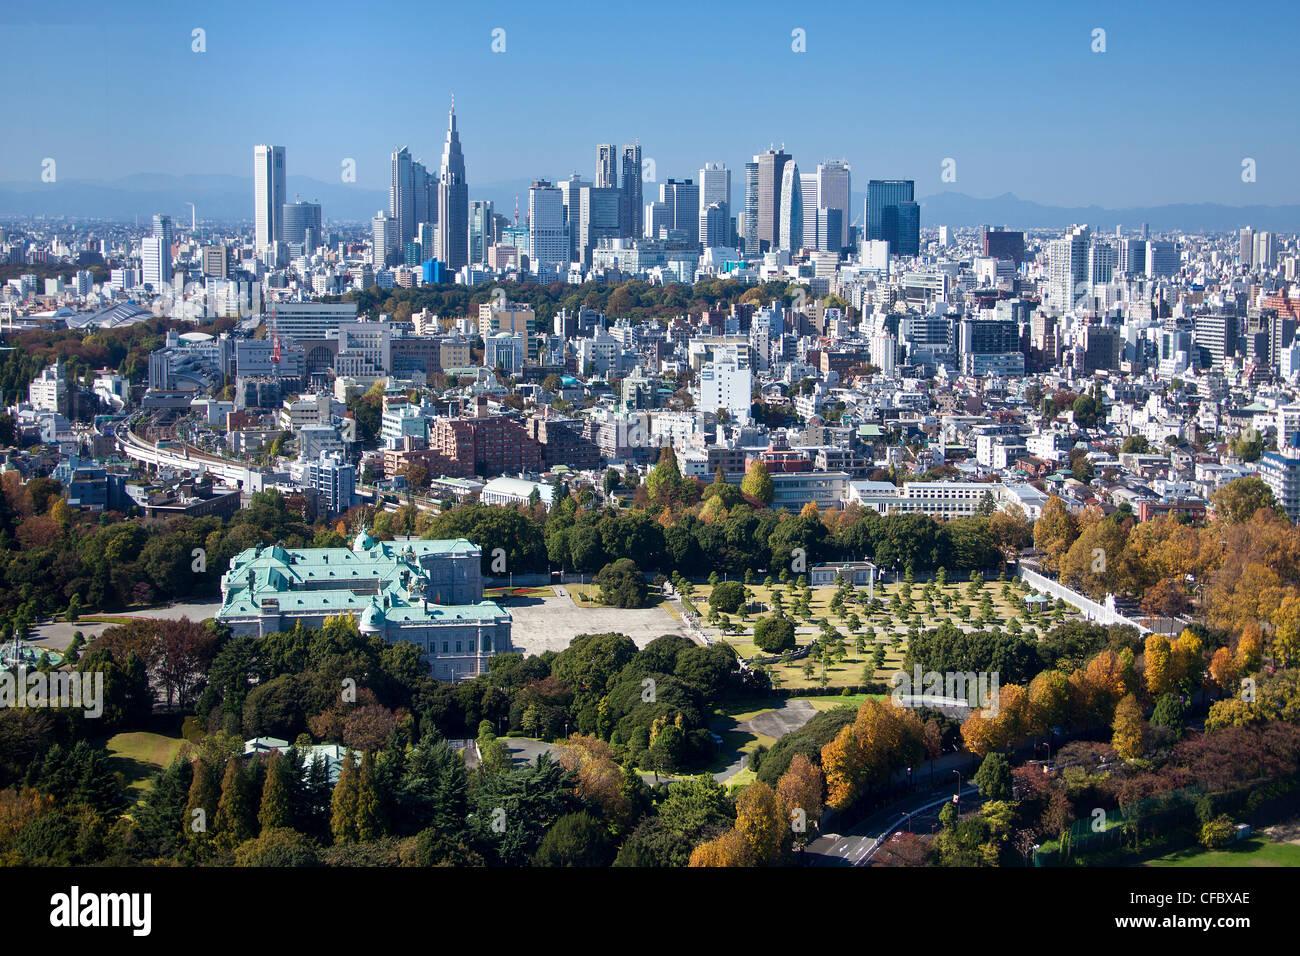 Giappone, Asia, Tokyo, città, Shinjuku, distretto, stato, Guest House, architettura, grandi edifici, città, Immagini Stock